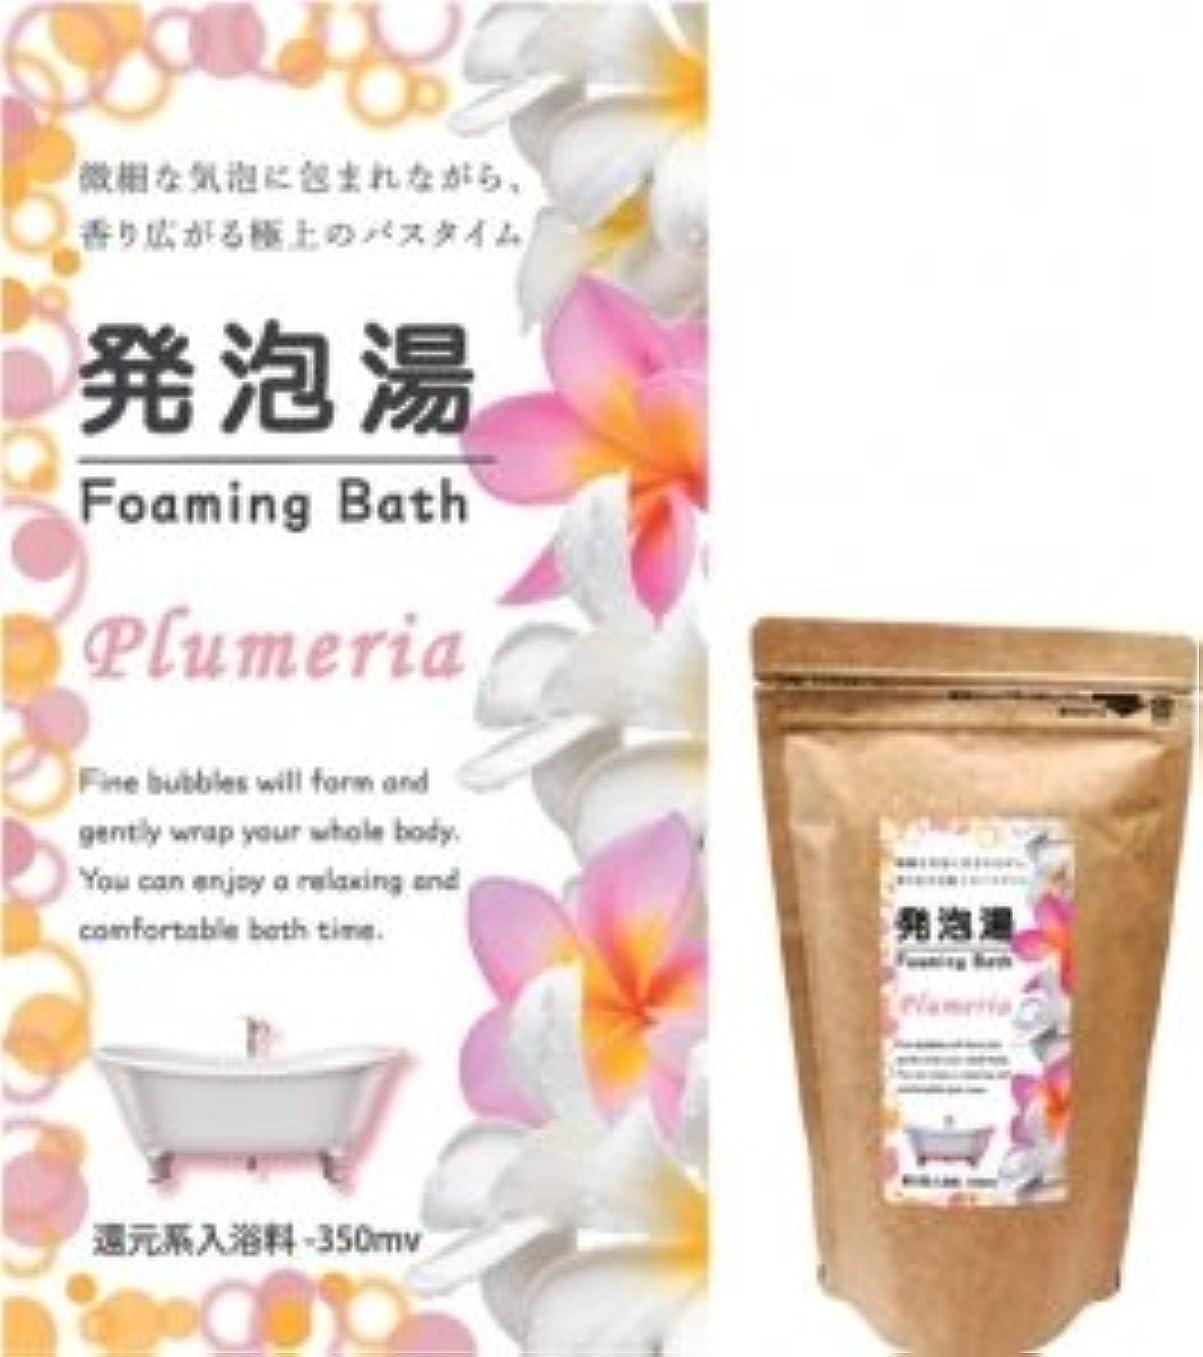 加入杖敬発泡湯(はっぽうとう) Foaming Bath Plumeria プルメリア お徳用15回分